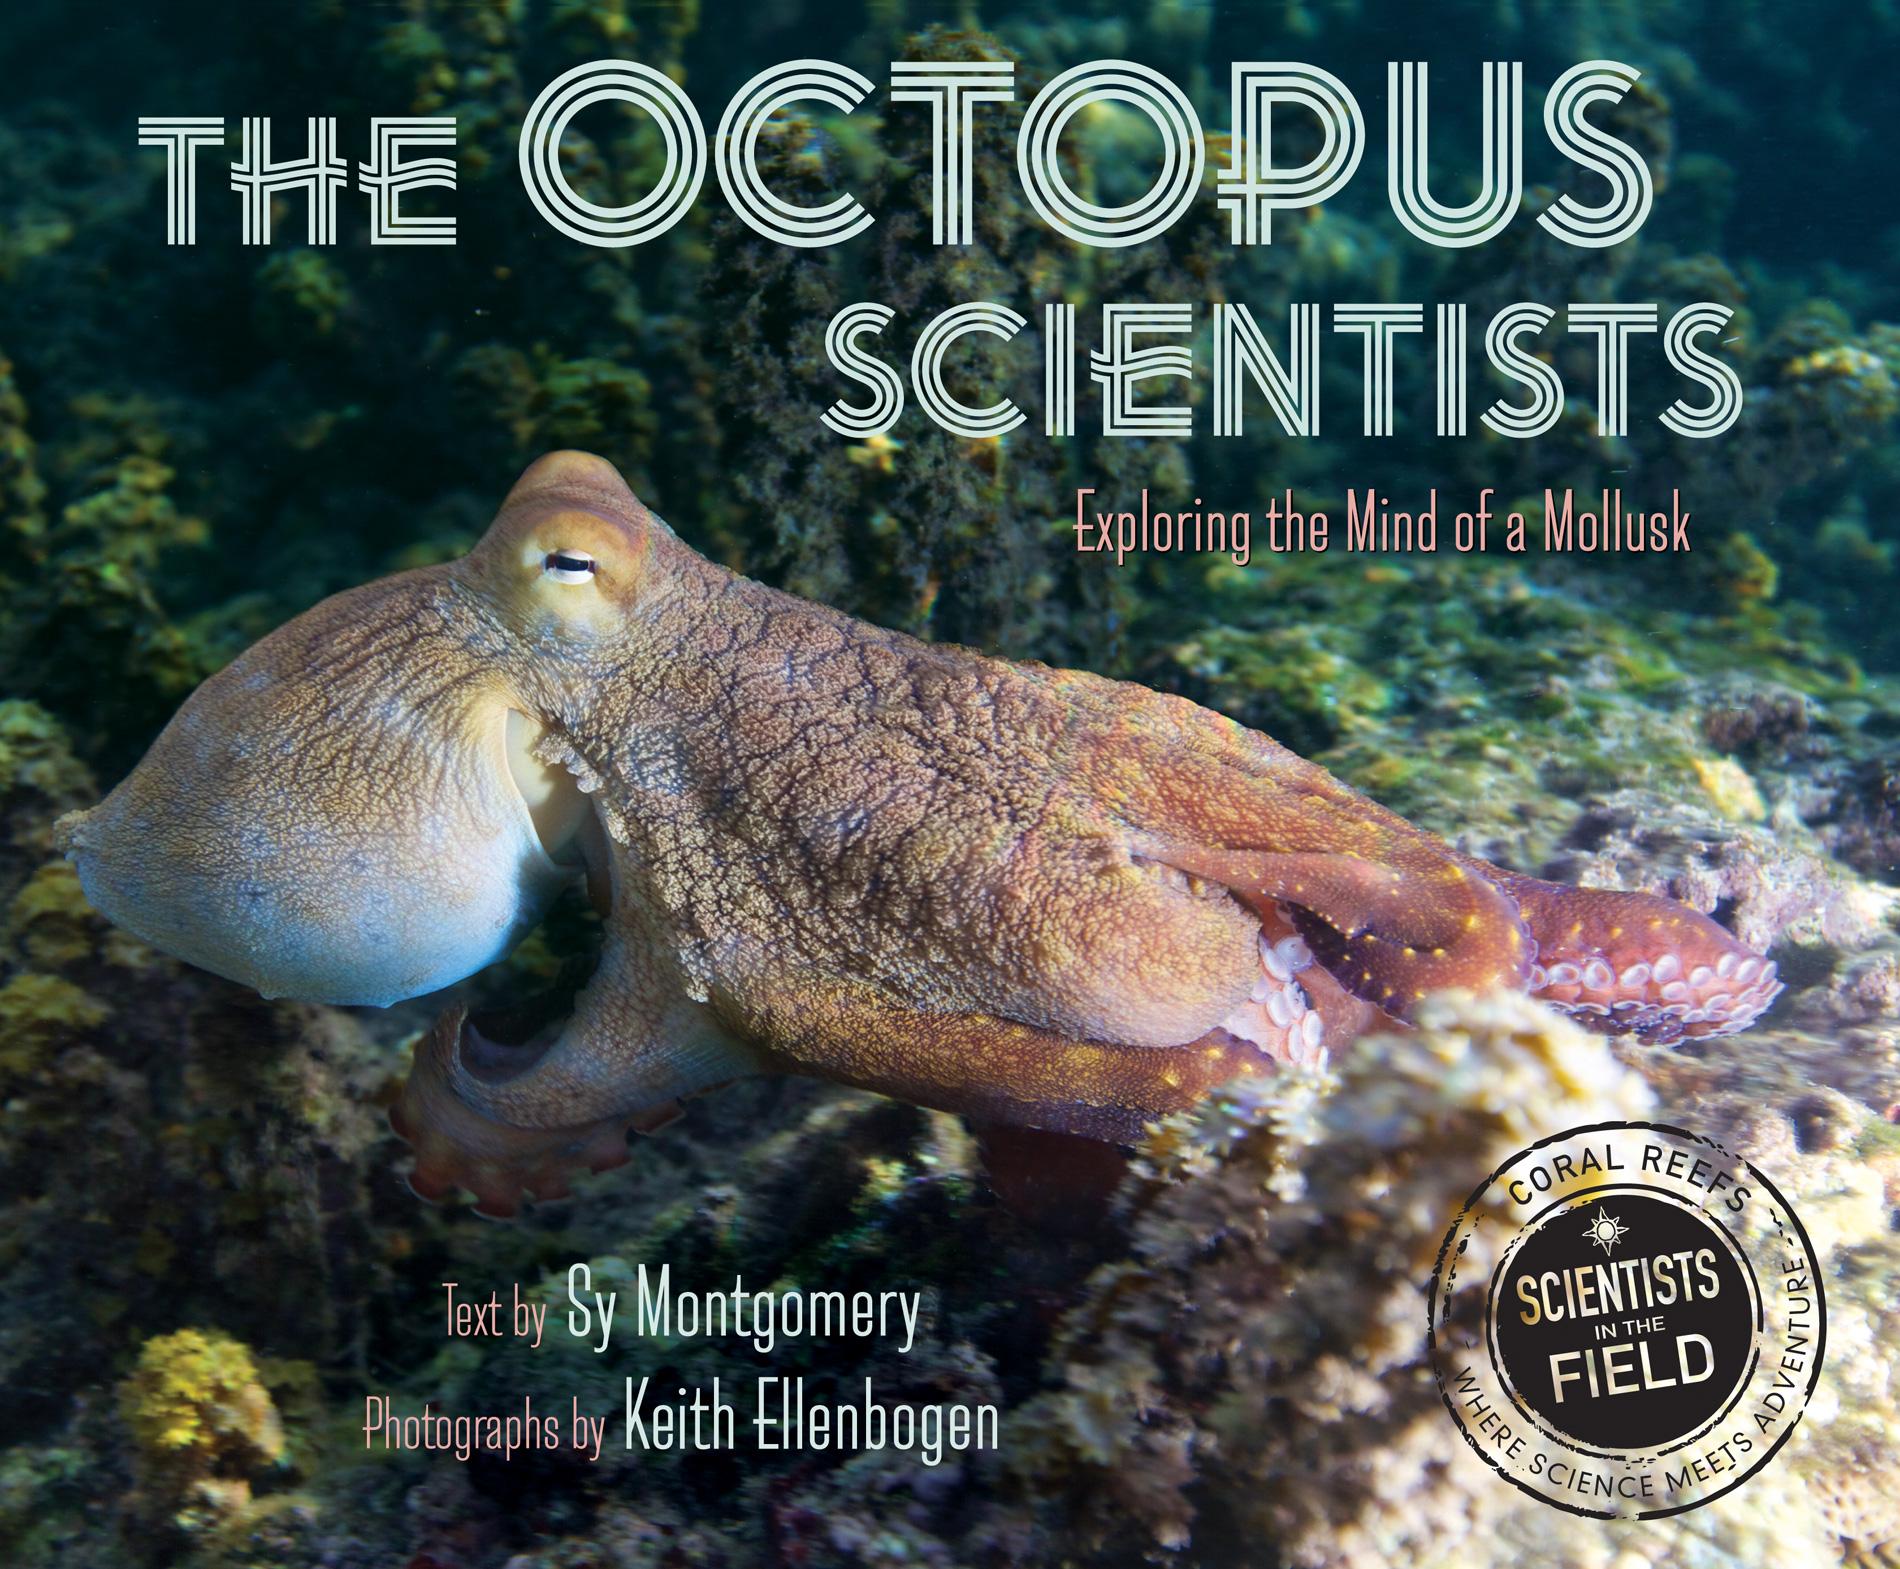 Octopus Scientist_hres.jpg